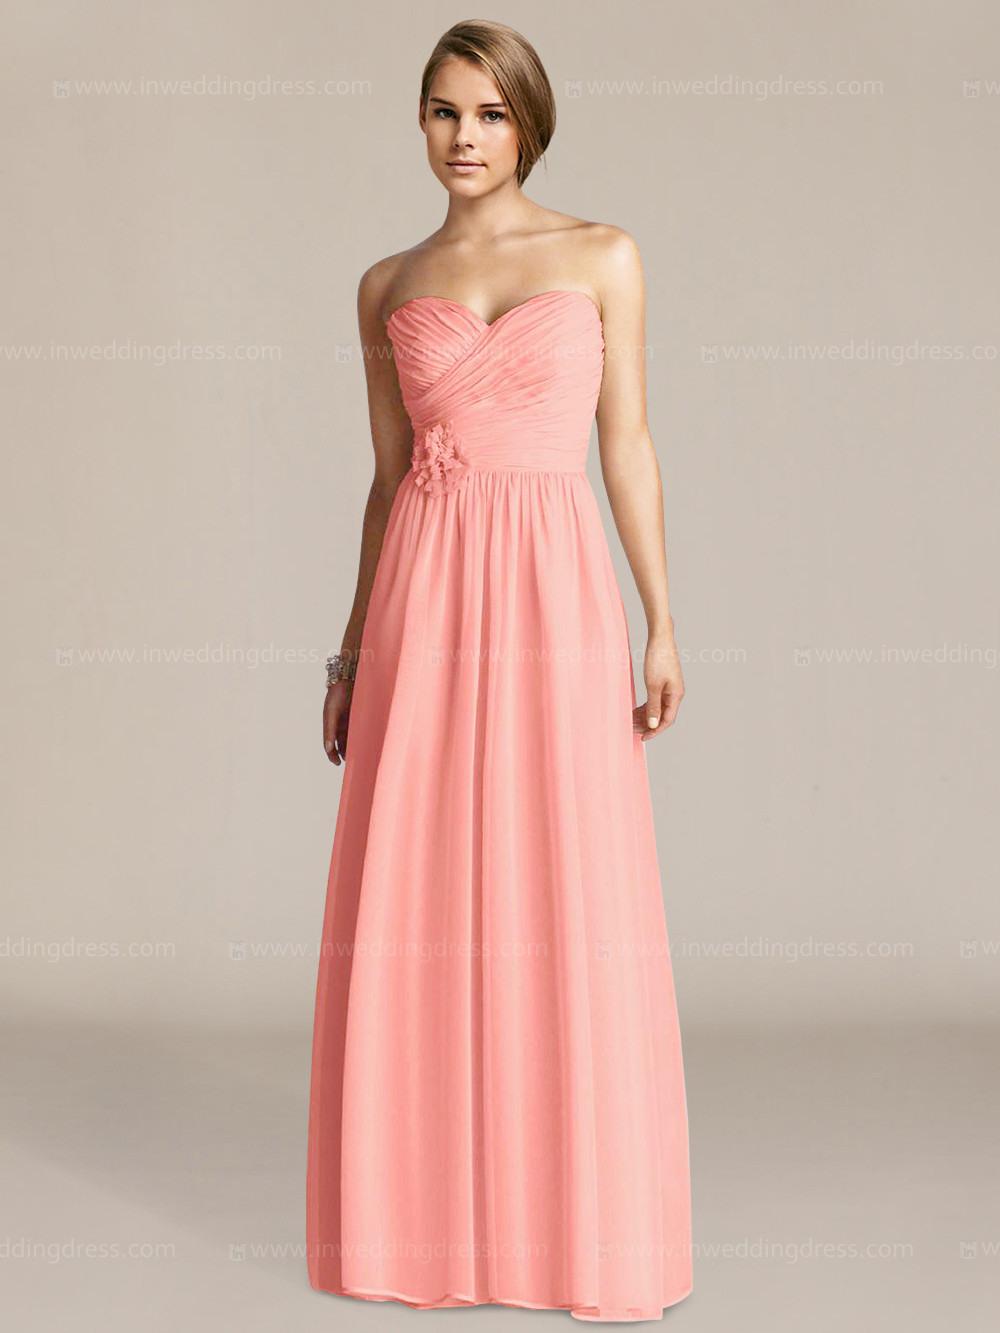 17 Fantastisch Kleid Pink Hochzeit Galerie15 Kreativ Kleid Pink Hochzeit für 2019